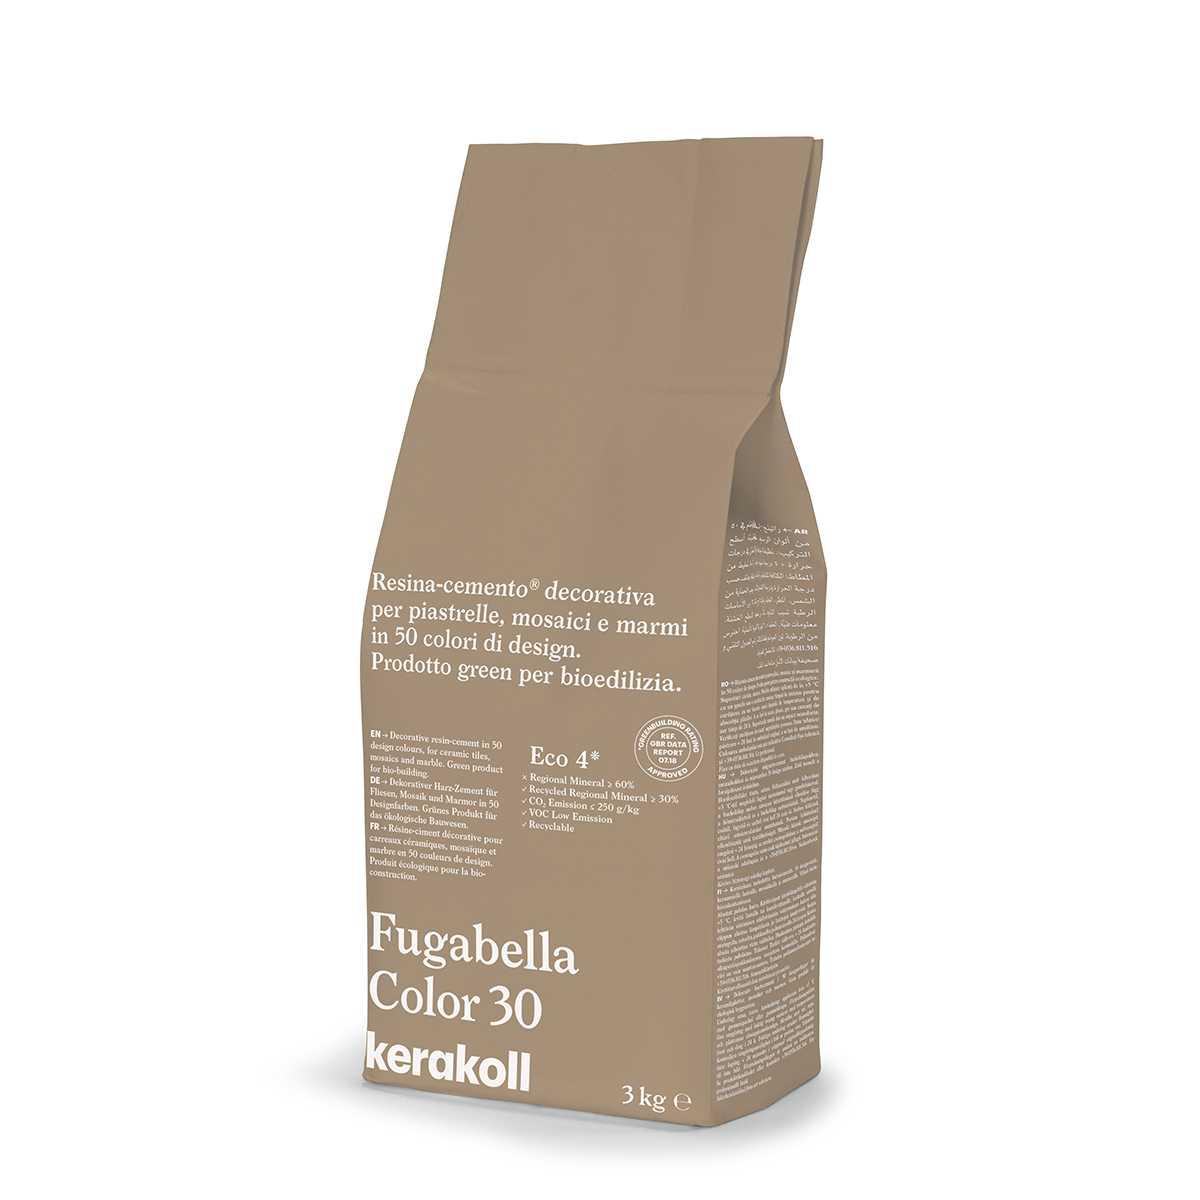 Kerakoll Fugabella Color 30 3kg stucco per fughe uso interno ed esterno